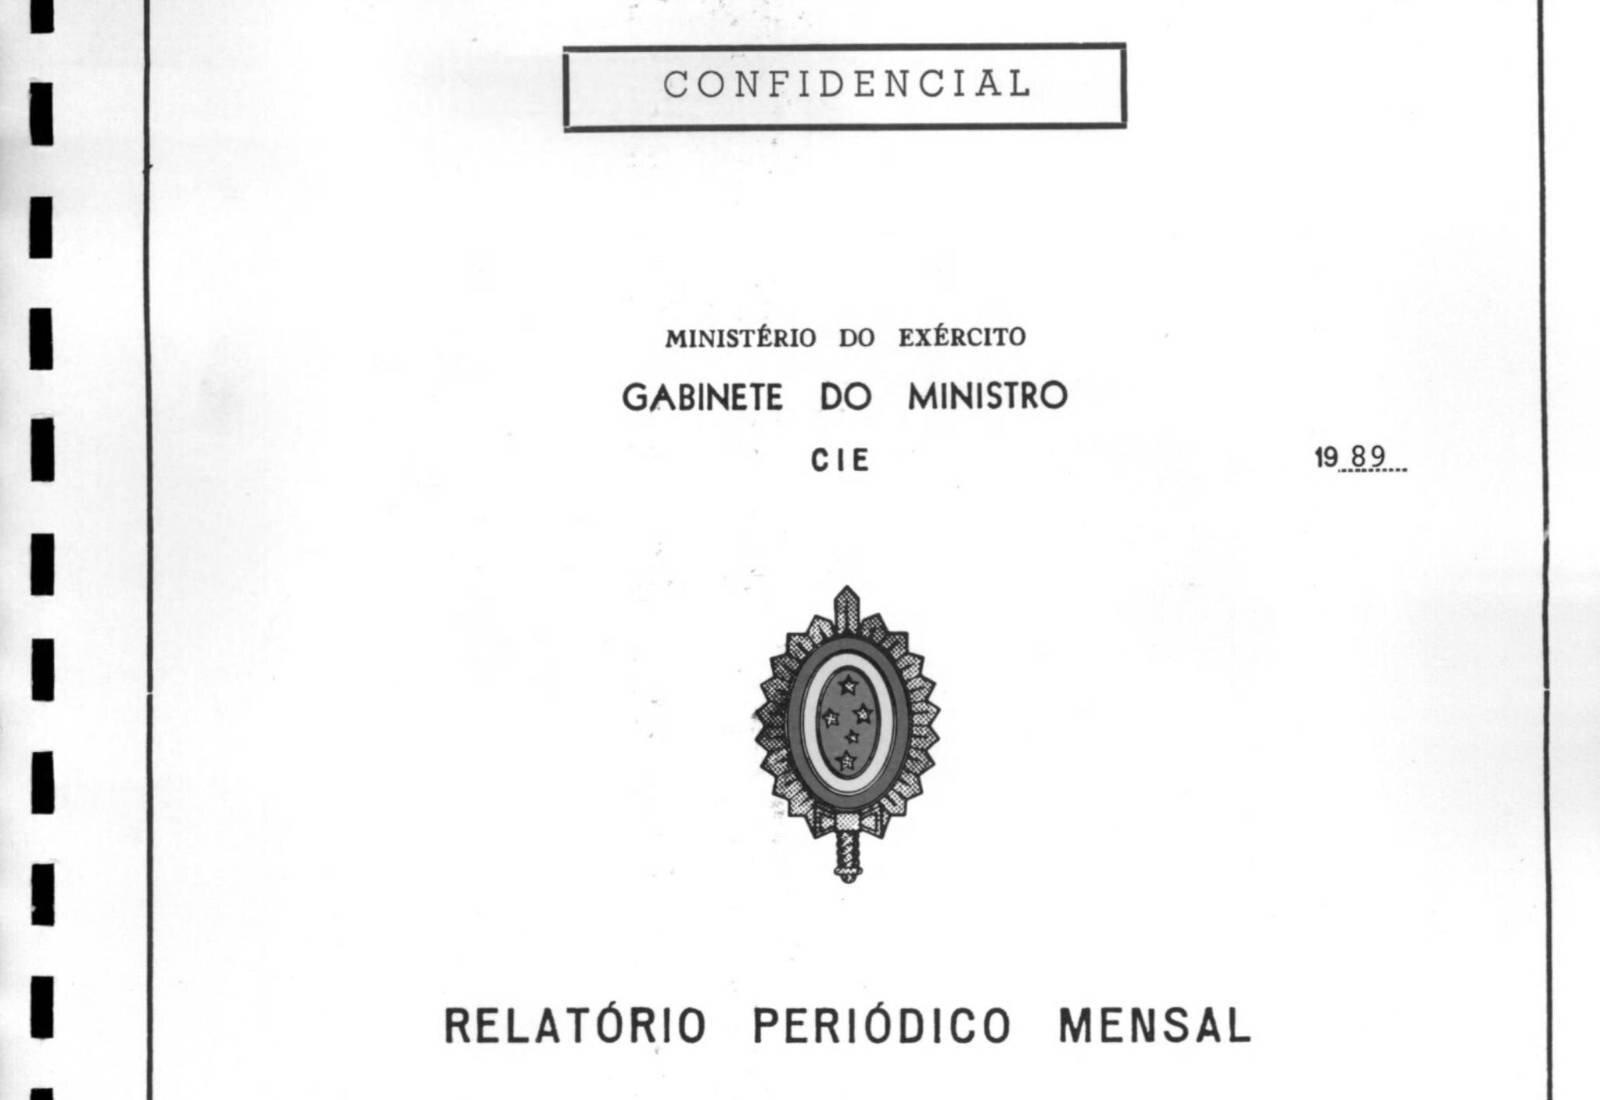 Print de um dos arquivos confidenciais do Ministério do Exército